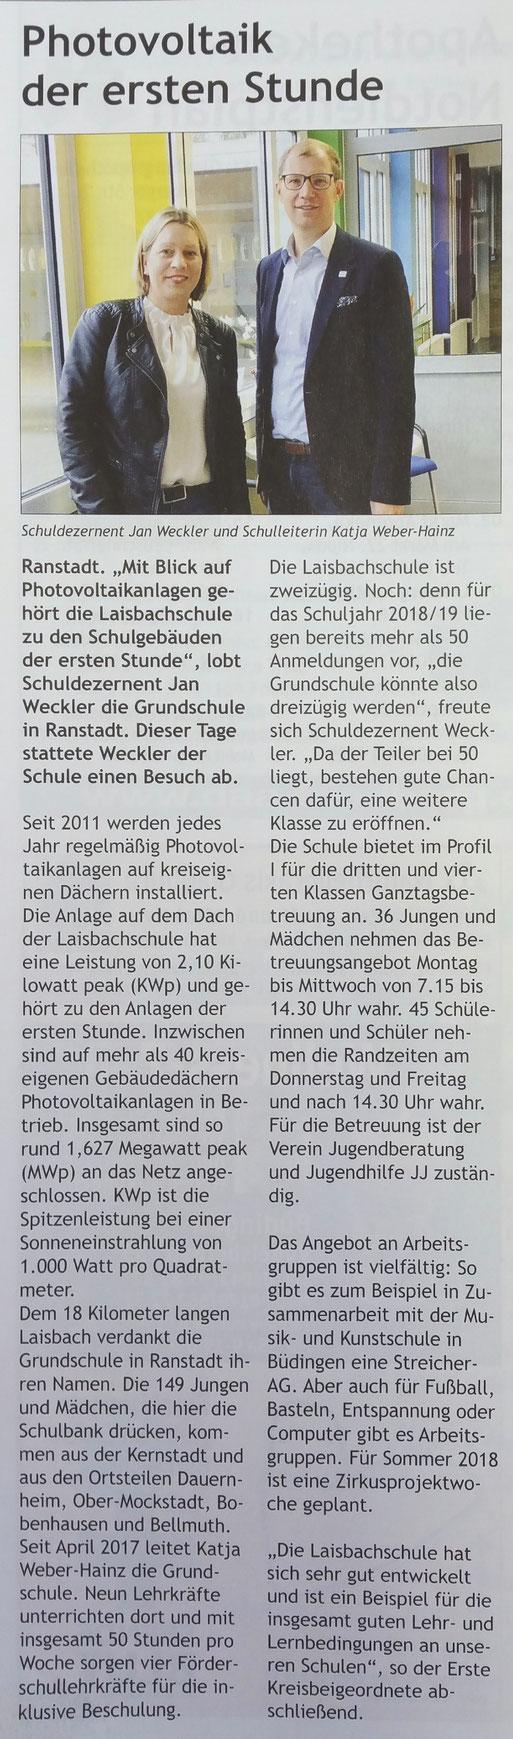 Stadtjournal, 05.02.2018